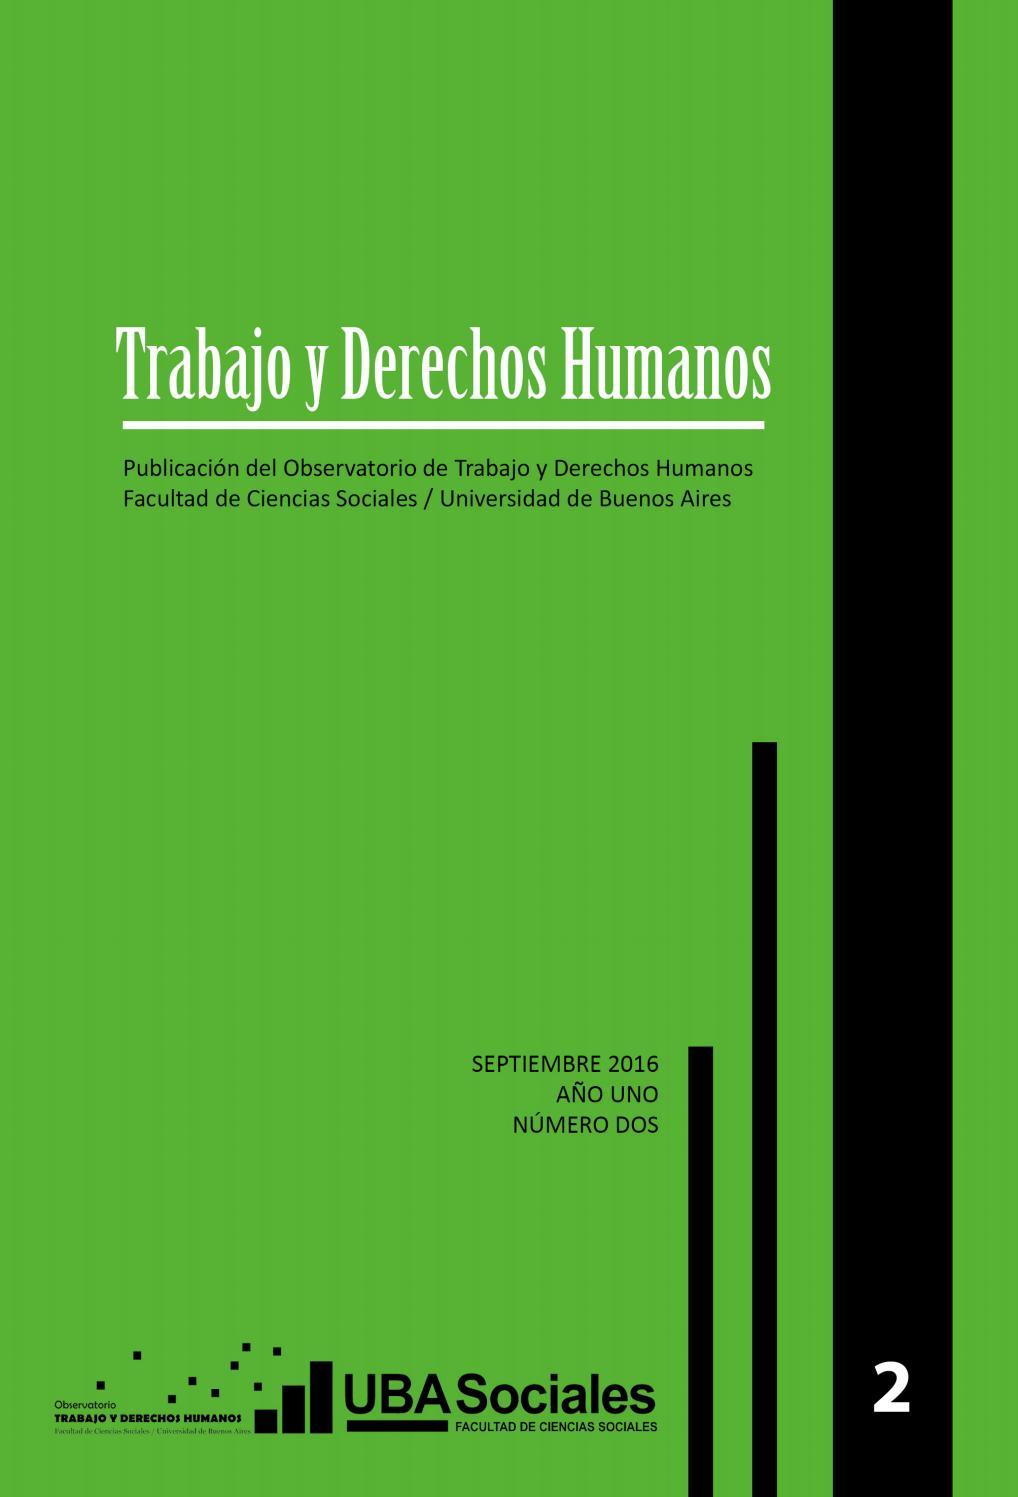 Revista Trabajo Y Derechos Humanos 2 By Observatorio De